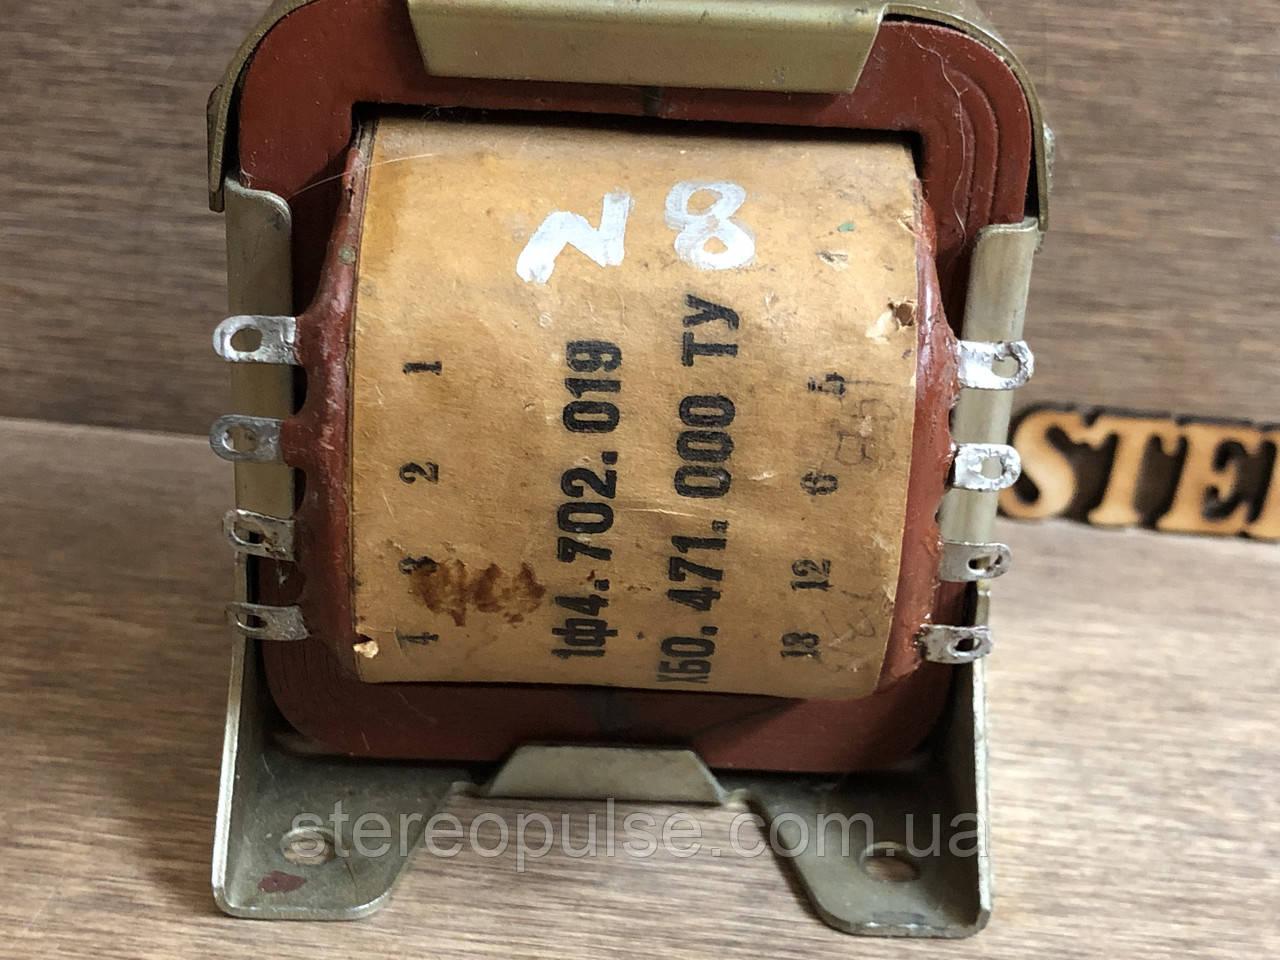 Трансформатор 1Ф4.702.015/ 1Ф.702.019